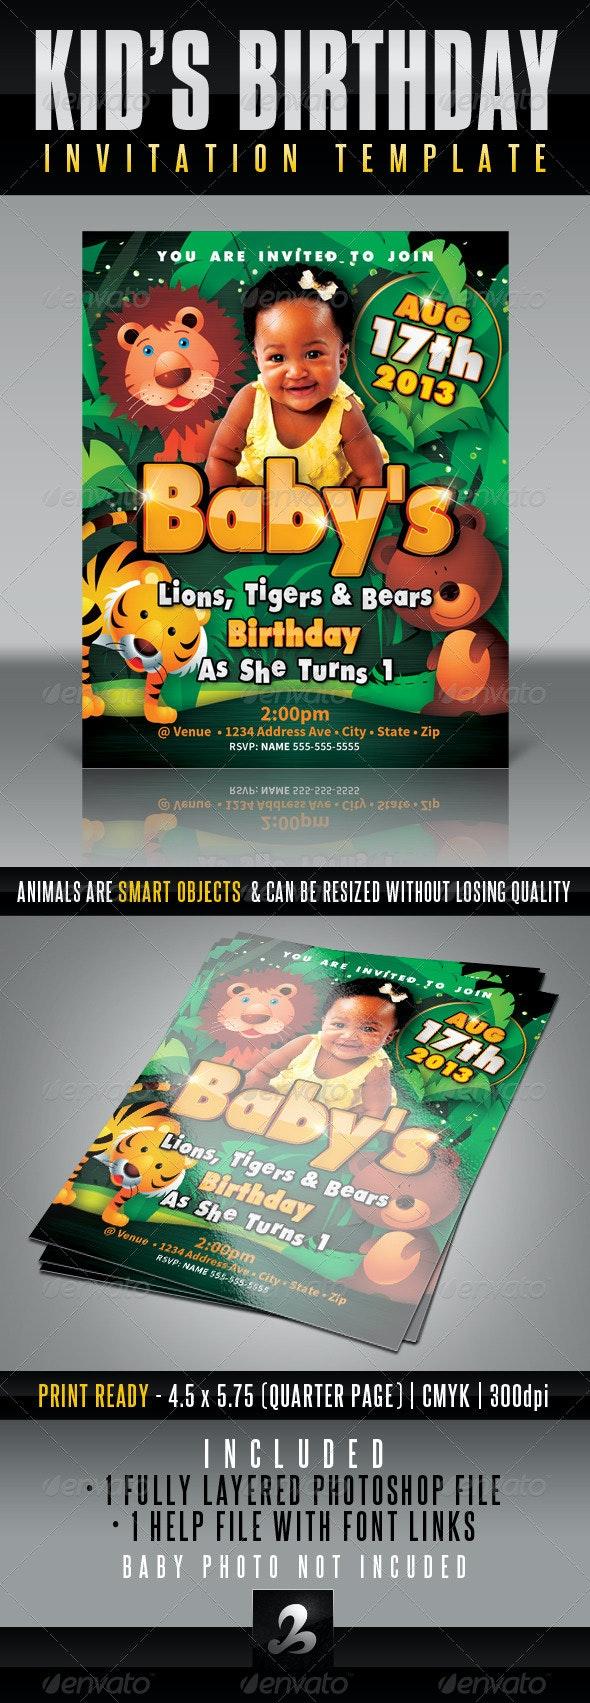 Kid's Birthday Invitation - Lions, Tigers & Bears - Invitations Cards & Invites